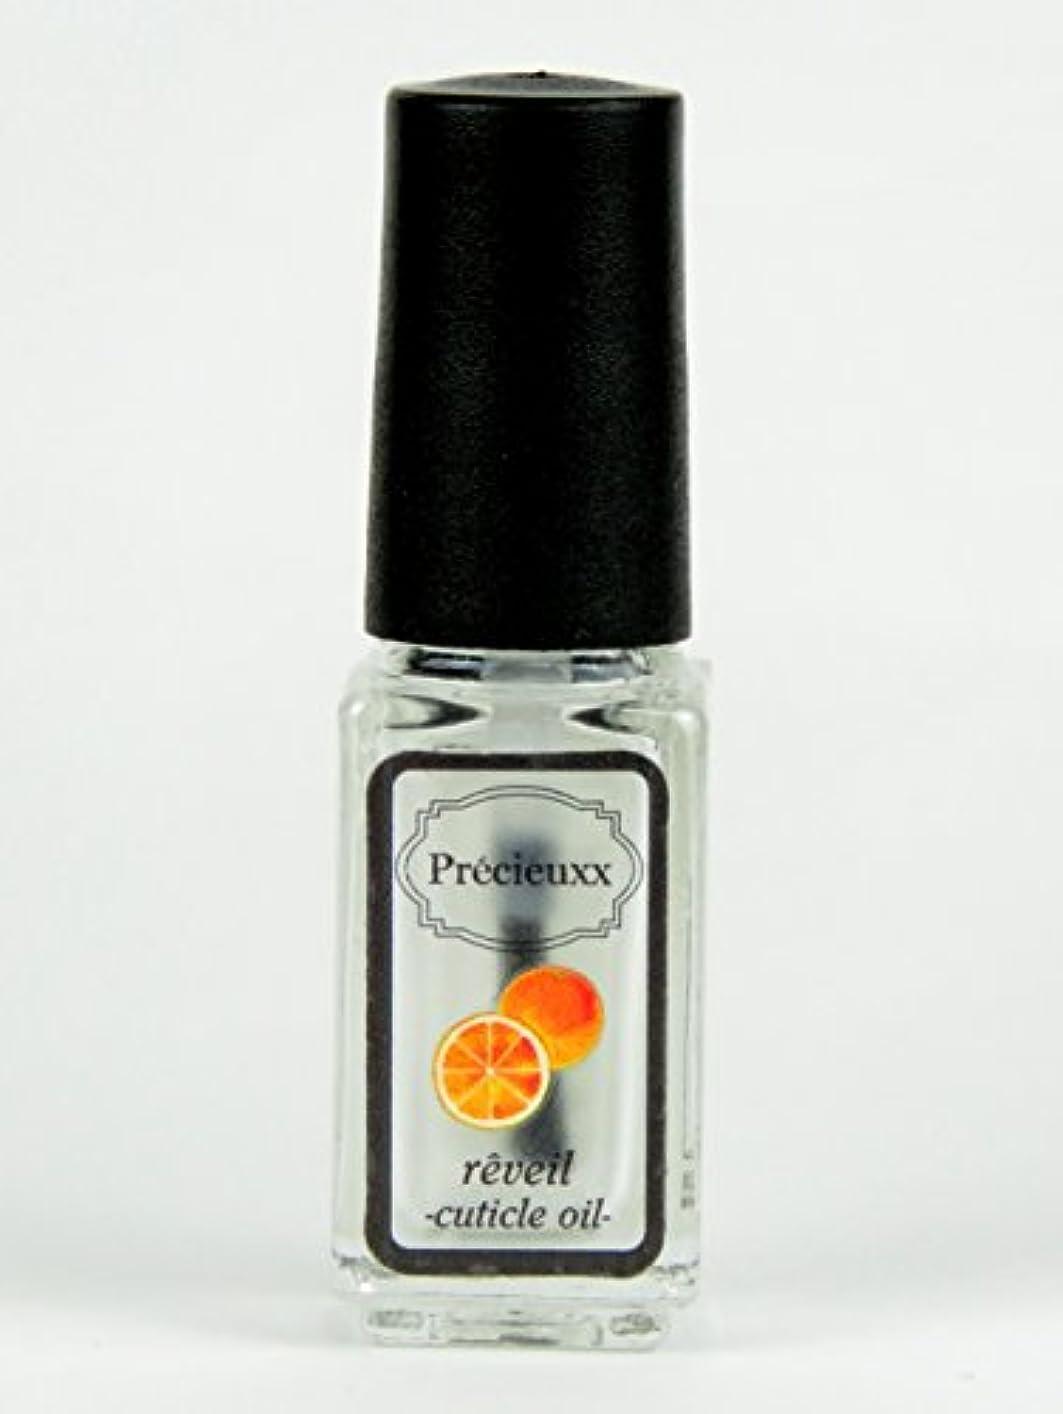 多様性真鍮行商オーガニック ネイルオイル Precieuxx(プレシュー) ネイルアンドキューティクルボタニカルオイル 5ml オレンジ